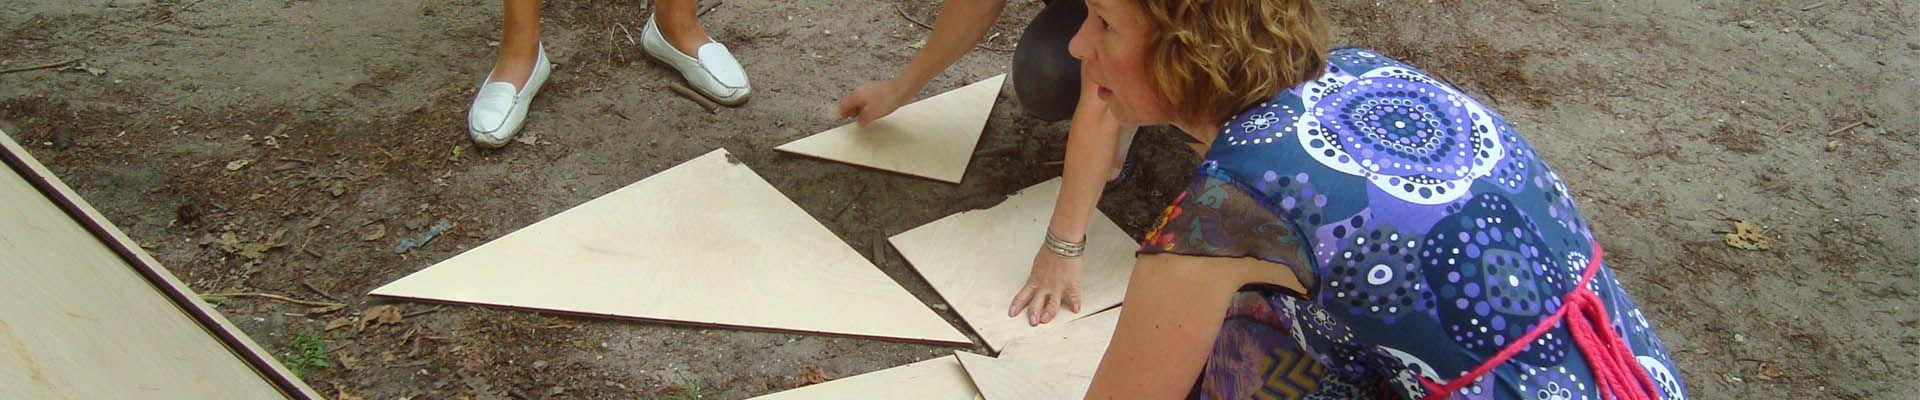 tangram spel als bedrijfsuitje